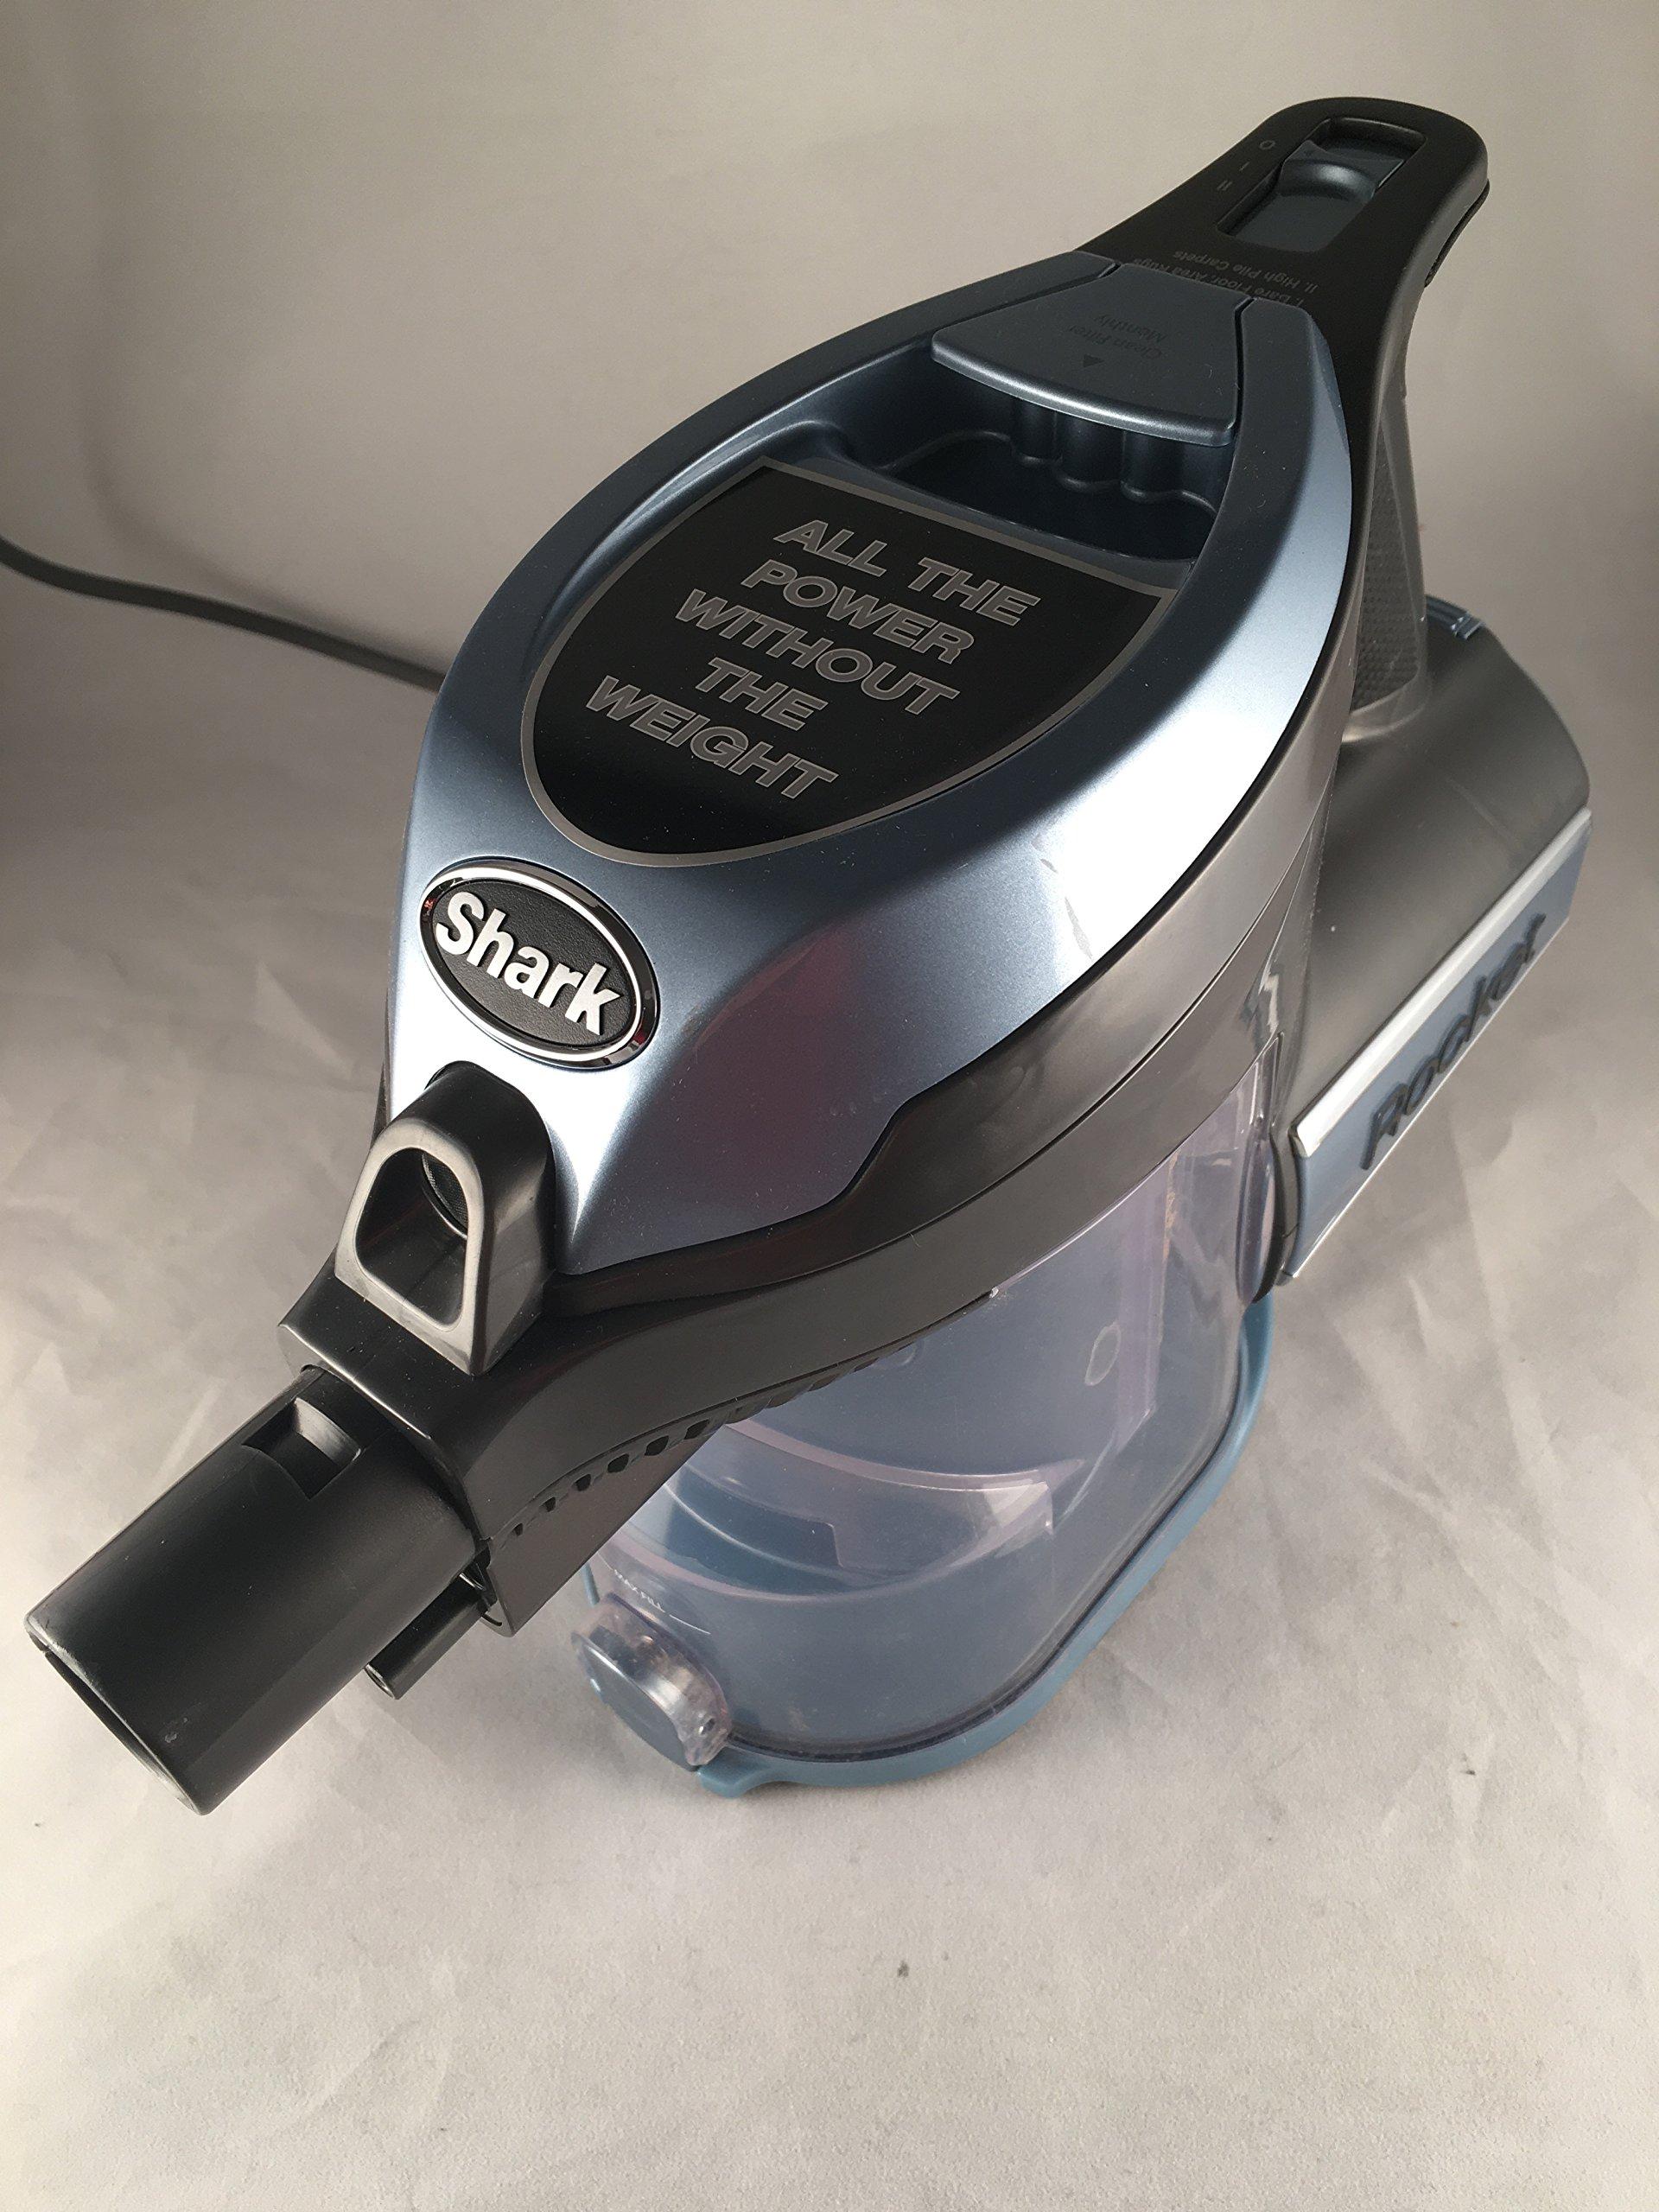 Genuine Shark Rocket UV450 motorhead body motor